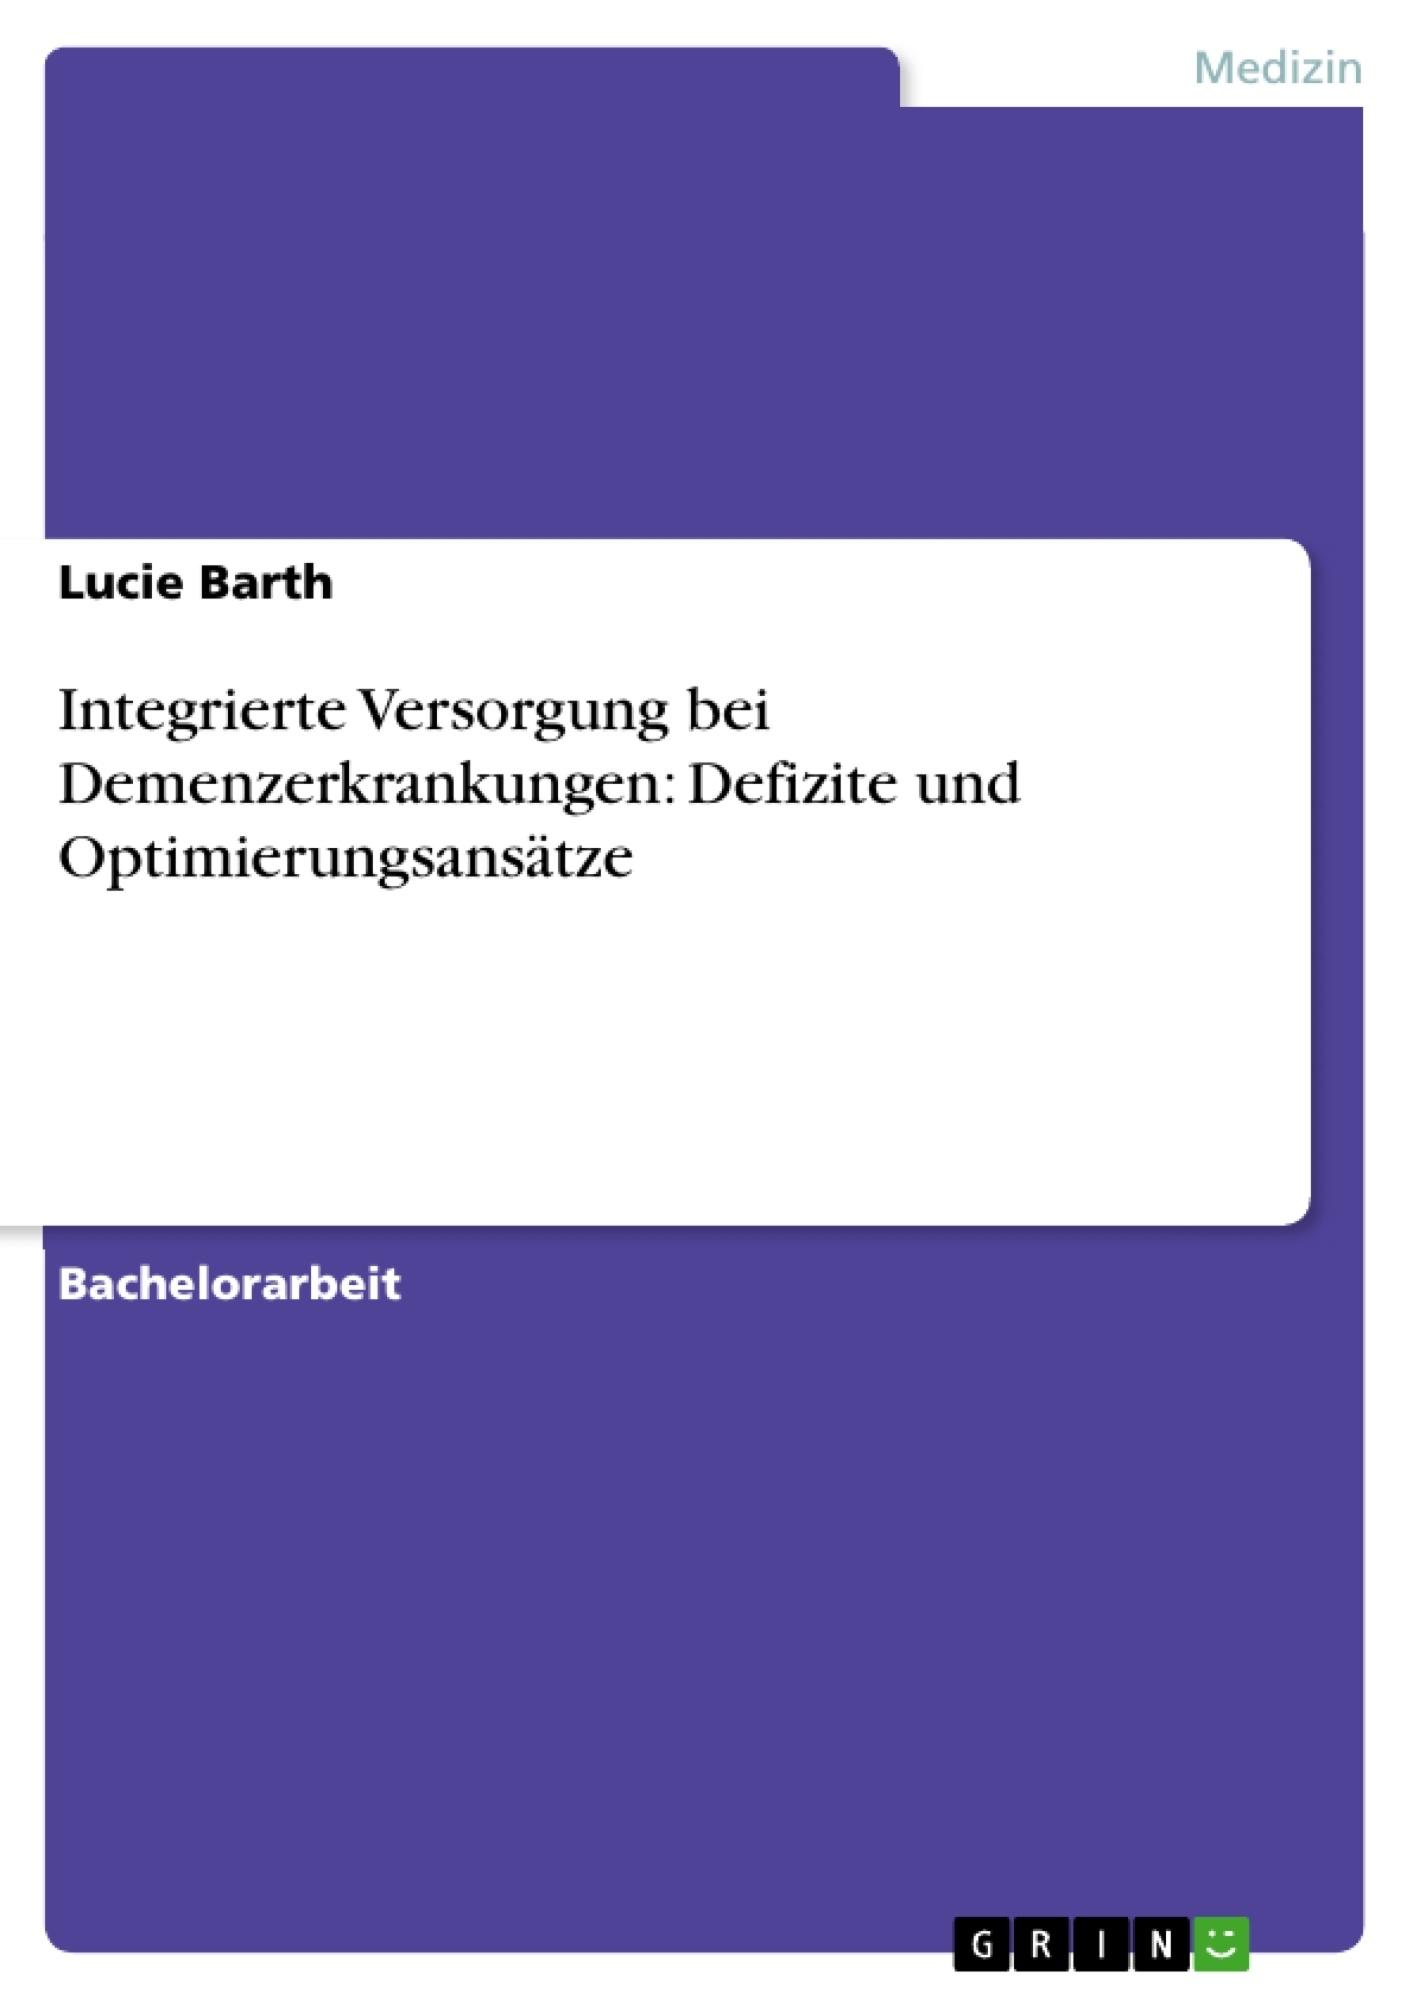 Titel: Integrierte Versorgung bei Demenzerkrankungen: Defizite und Optimierungsansätze